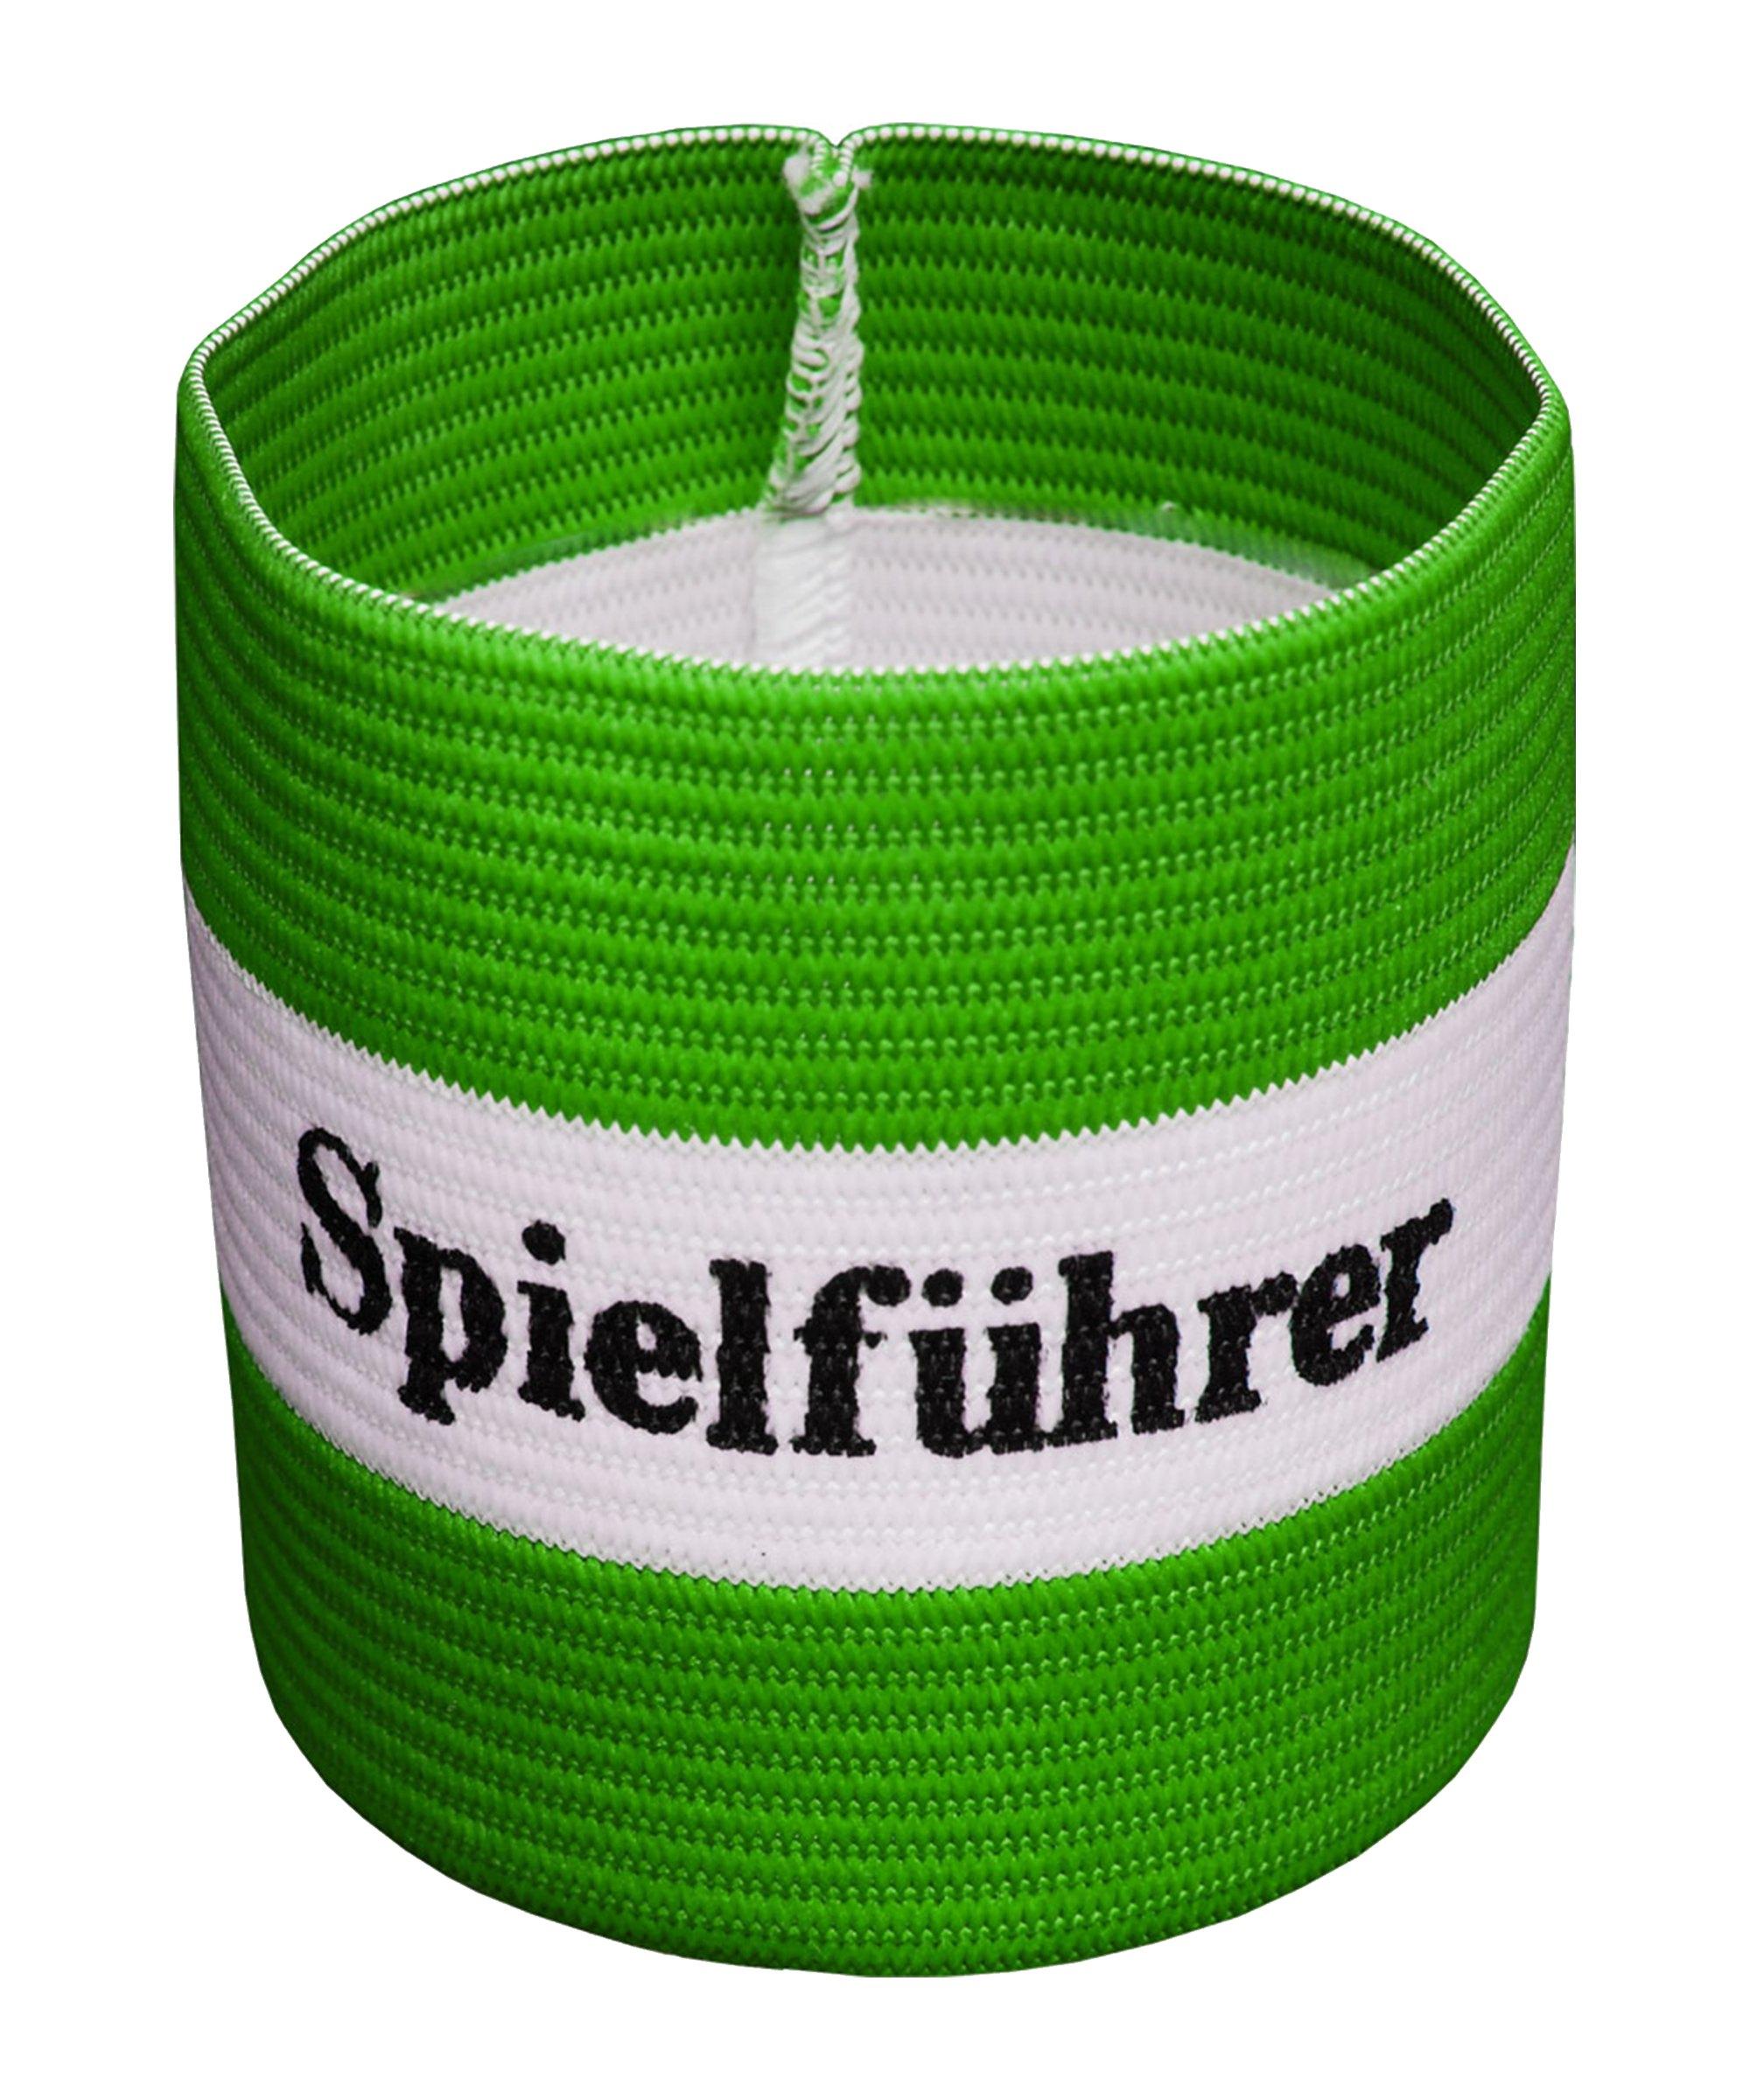 Cawila Spielführer Armbinde Junior Grün - gruen